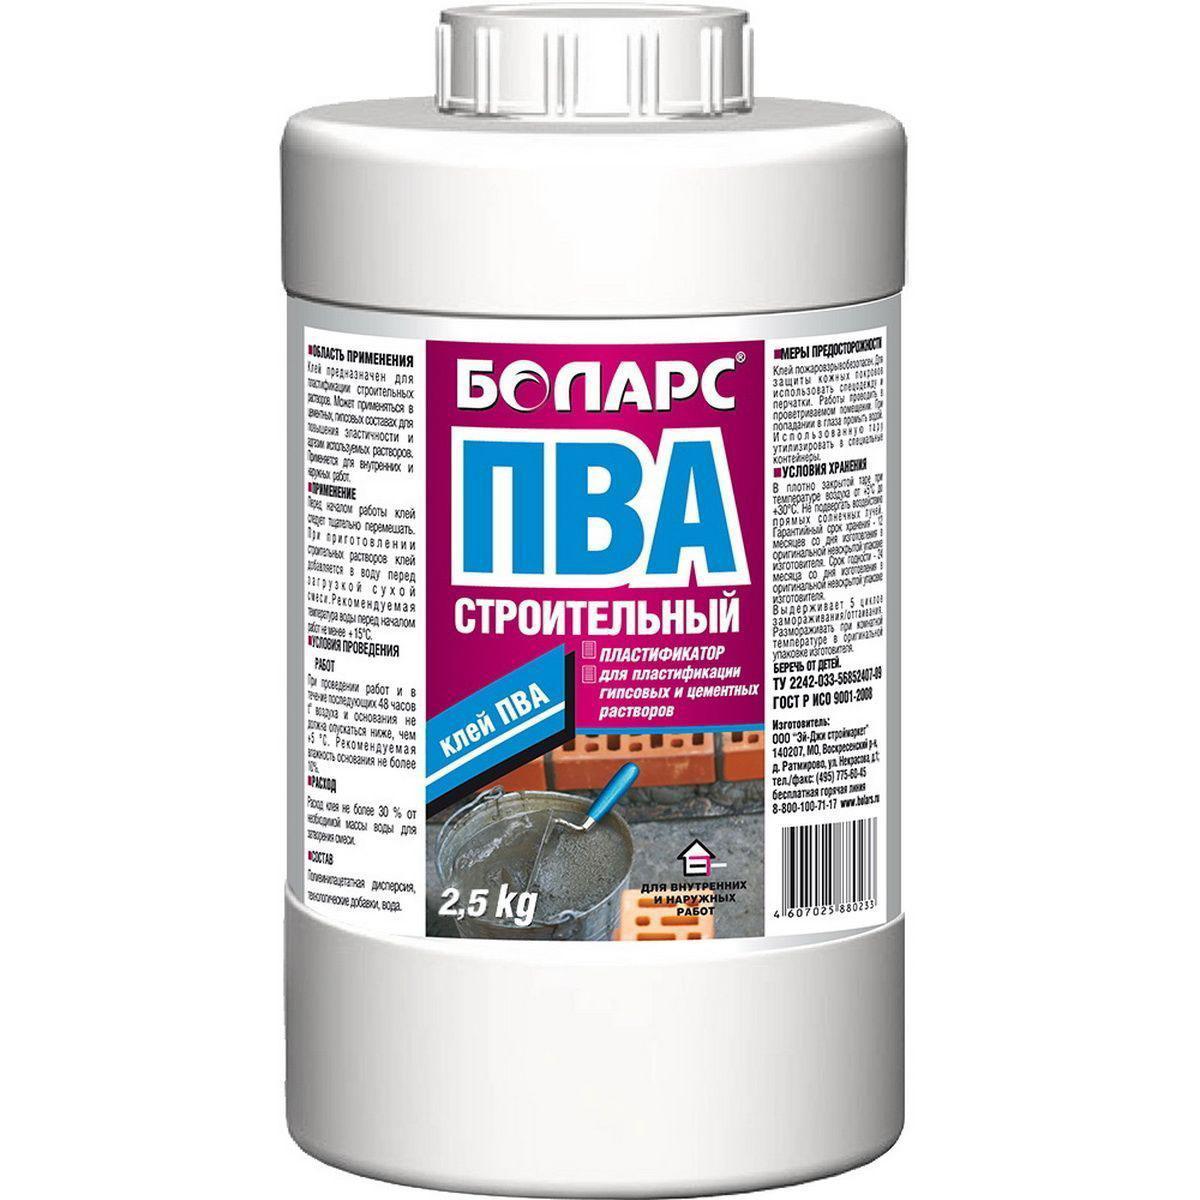 Клей ПВА Боларс, пластификатор, 2,5 кгCLP446Клей ПВА Боларс предназначен для пластификации строительных растворов. Может применяться в цементных, гипсовых составах для повышения эластичности и адгезии используемых растворов. Подходит для внутренних и наружных работ. Состав: поливинилацетатная дисперсия, технологические добавки, вода.Цвет: белый.pH: 5,5-7,0.Расход: 200-300 г/л.Морозостойкость: 5 циклов.Температура проведения работ: +5°С +30°С.Температура эксплуатации: +5°С +40°С.Размораживать продукт следует при комнатной температуре в оригинальной таре изготовителя. Гарантийный срок хранения – 12 месяцев со дня изготовления, в оригинальной невскрытой упаковке изготовителя.Срок годности – 24 месяца со дня изготовления, в оригинальной невскрытой упаковке изготовителя.